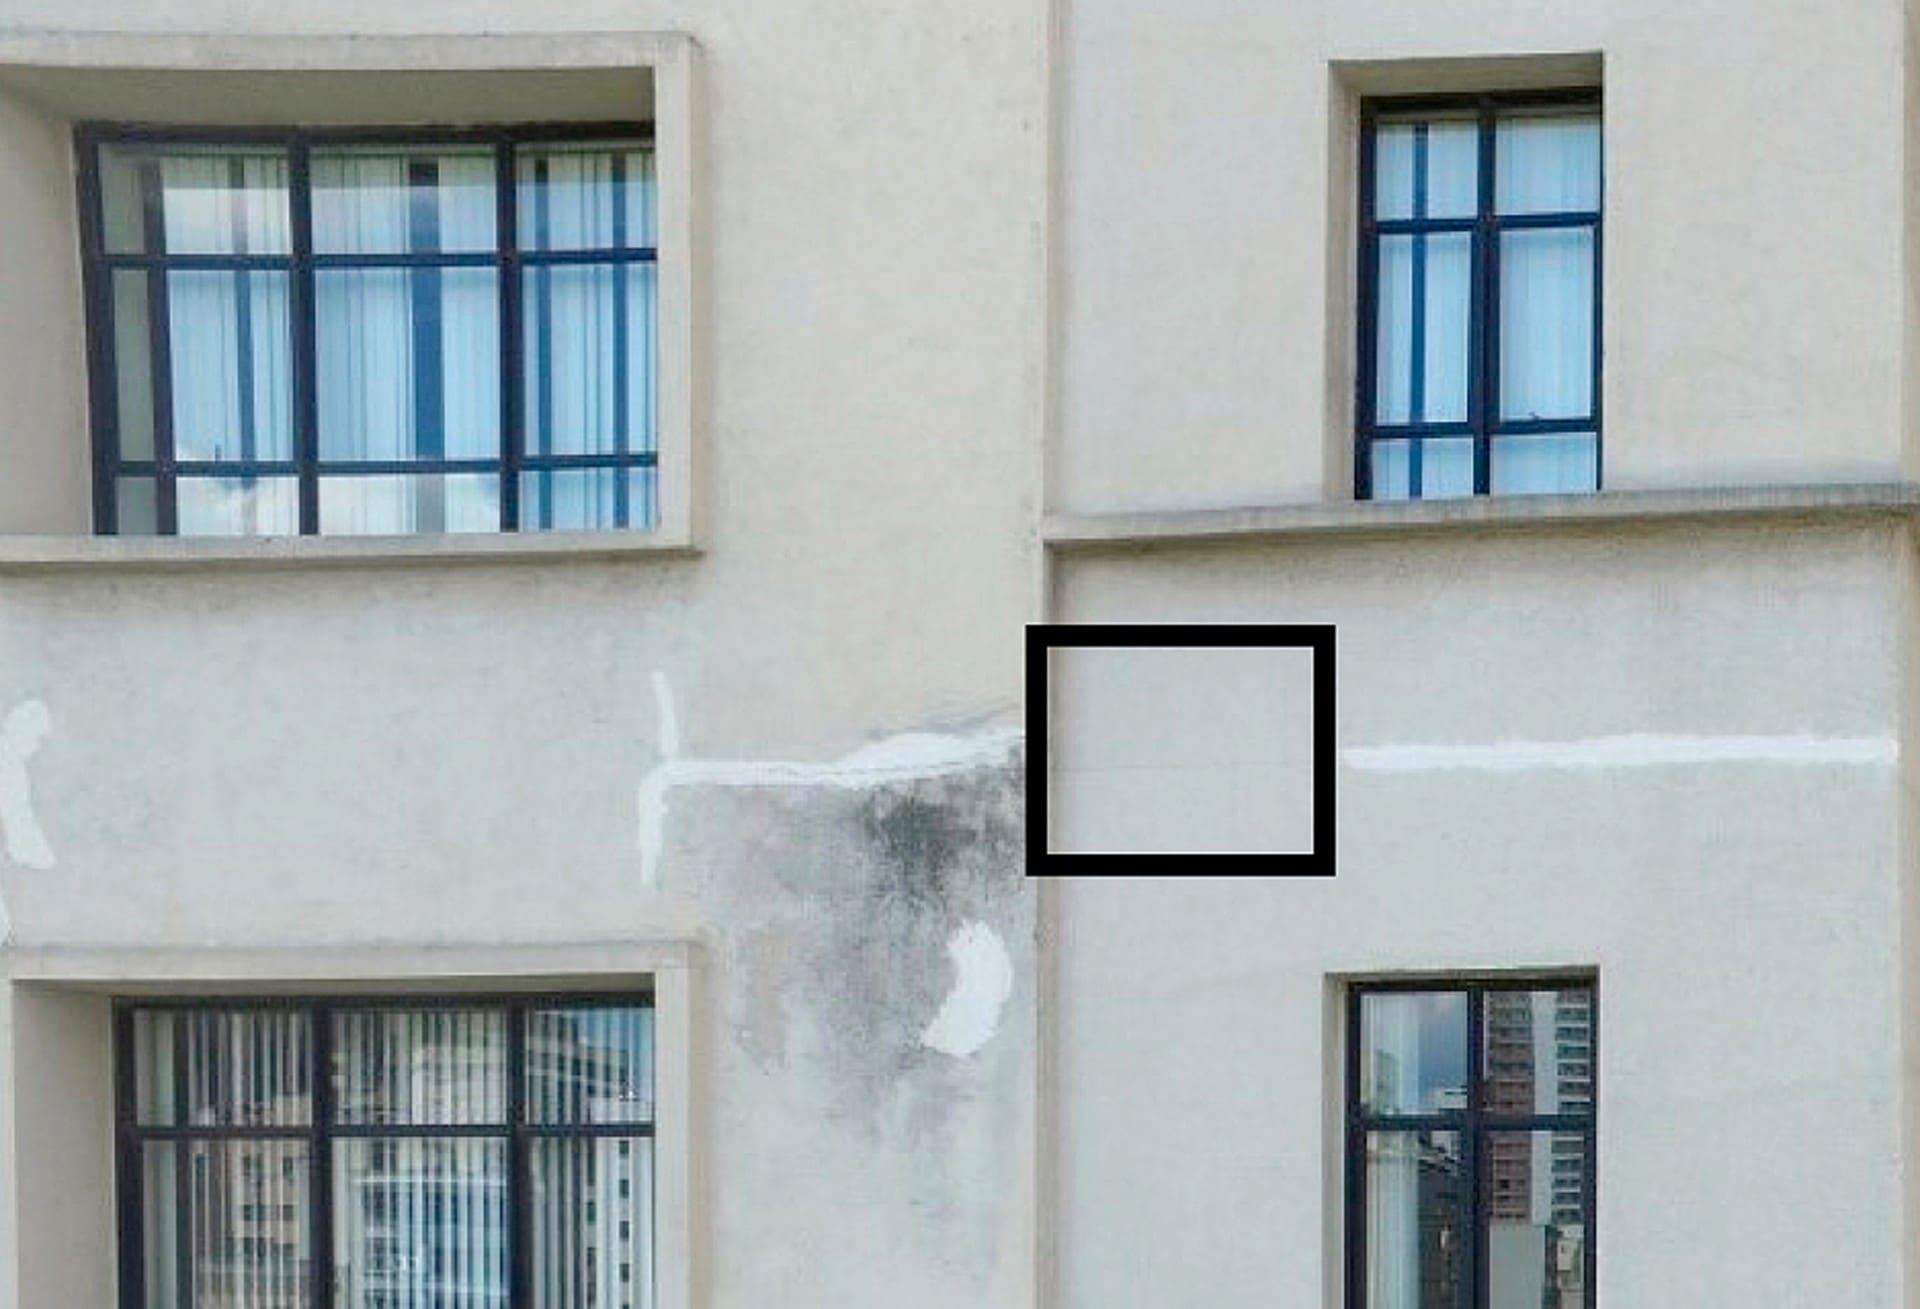 Imagem sem uso de câmera termográfica mostra fachada de edifício com área danificada e área aparentemente saudável (quadrado menor) Crédito: IPT